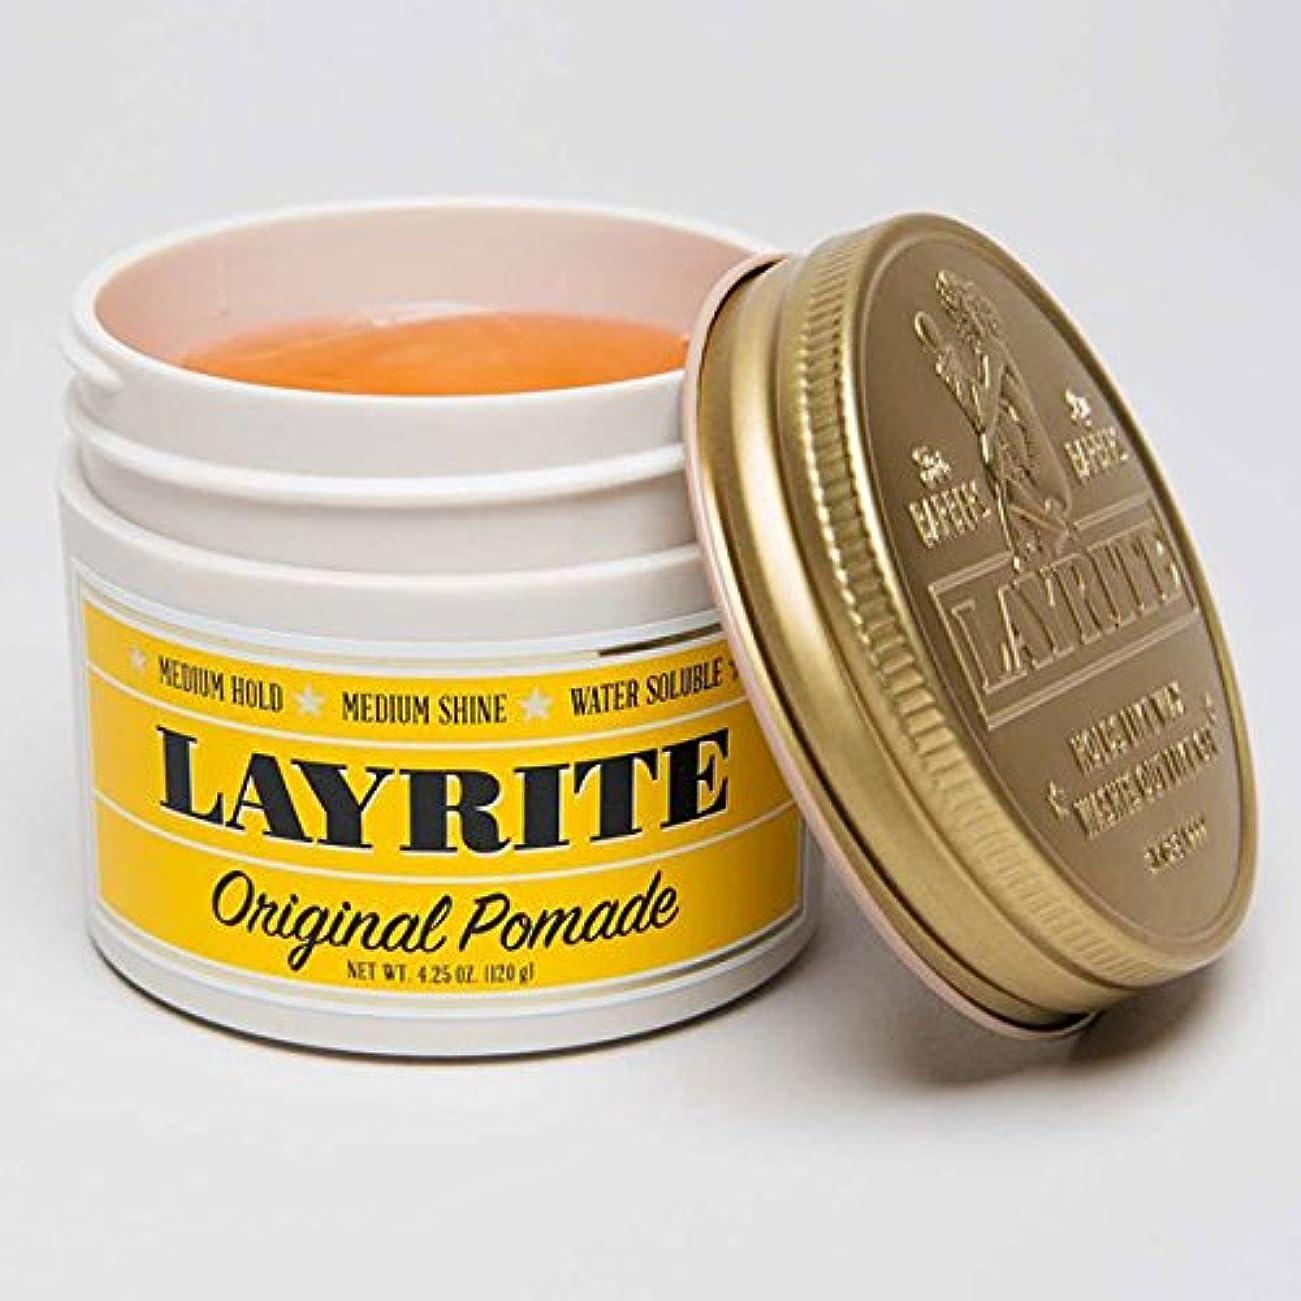 書士カフェ囲いLAYRITE レイライト 【Original Pomade】 水性ポマード オリジナルホールド 4.25OZ(約120G)